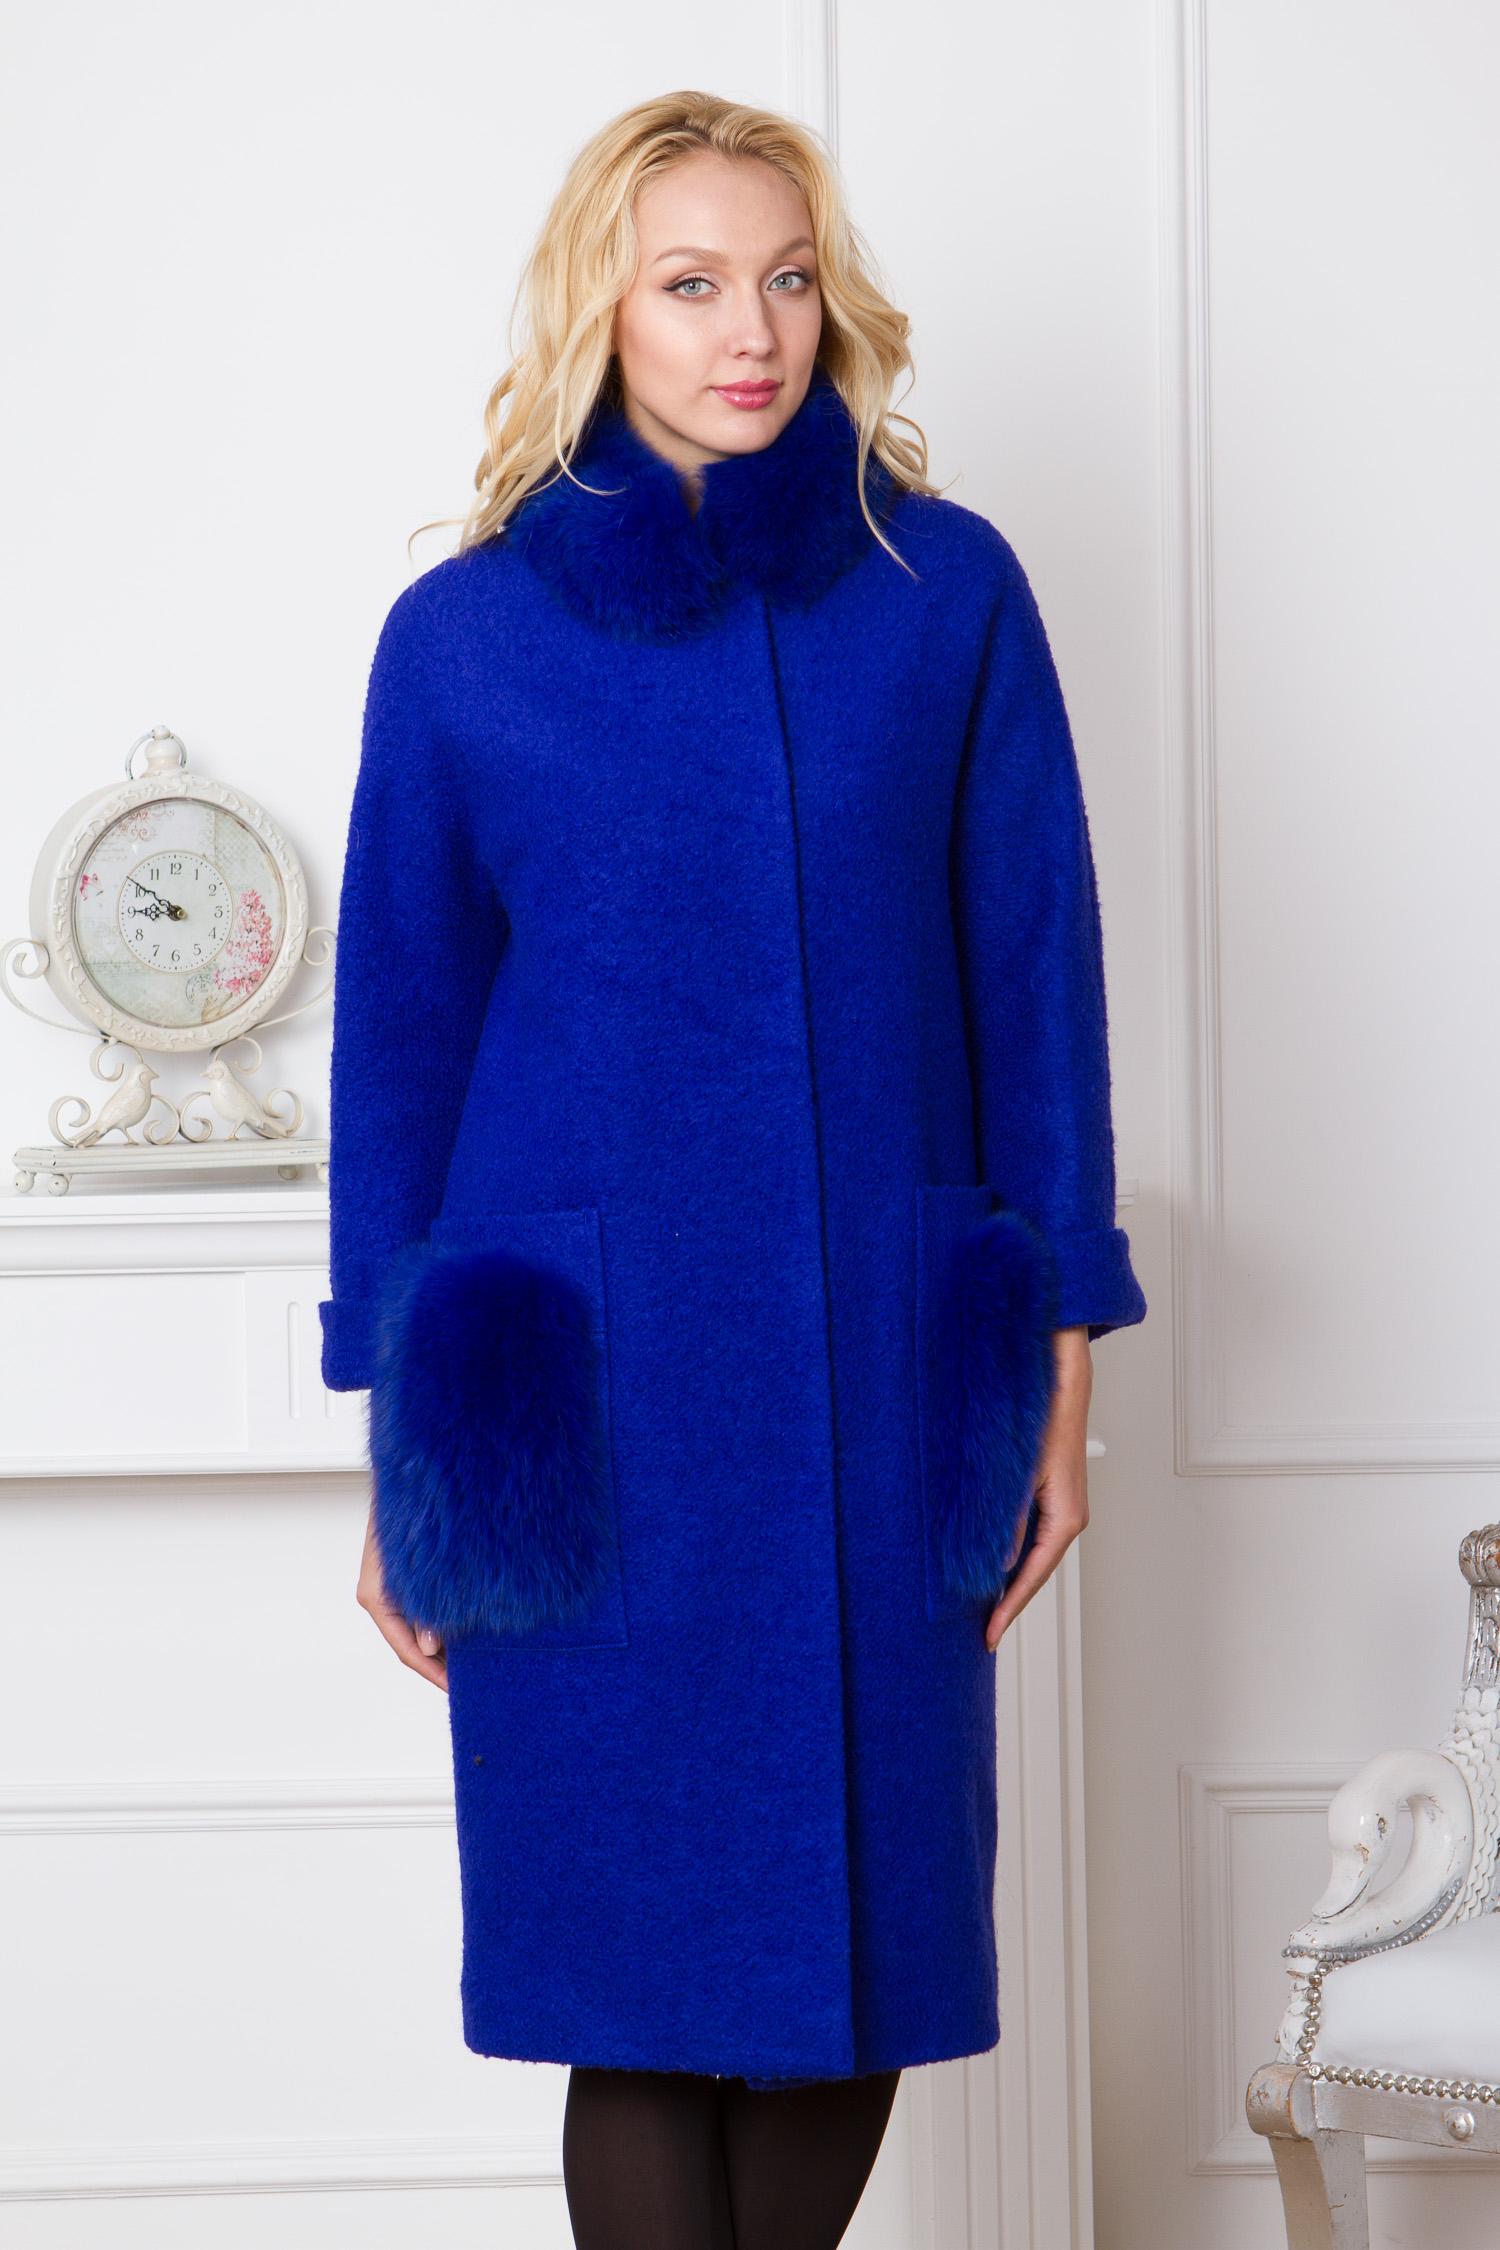 Женское пальто с воротником, отделка песец<br><br>Воротник: стойка<br>Длина см: Длинная (свыше 90)<br>Материал: Текстиль<br>Цвет: синий<br>Вид застежки: потайная<br>Застежка: на кнопки<br>Пол: Женский<br>Размер RU: 52